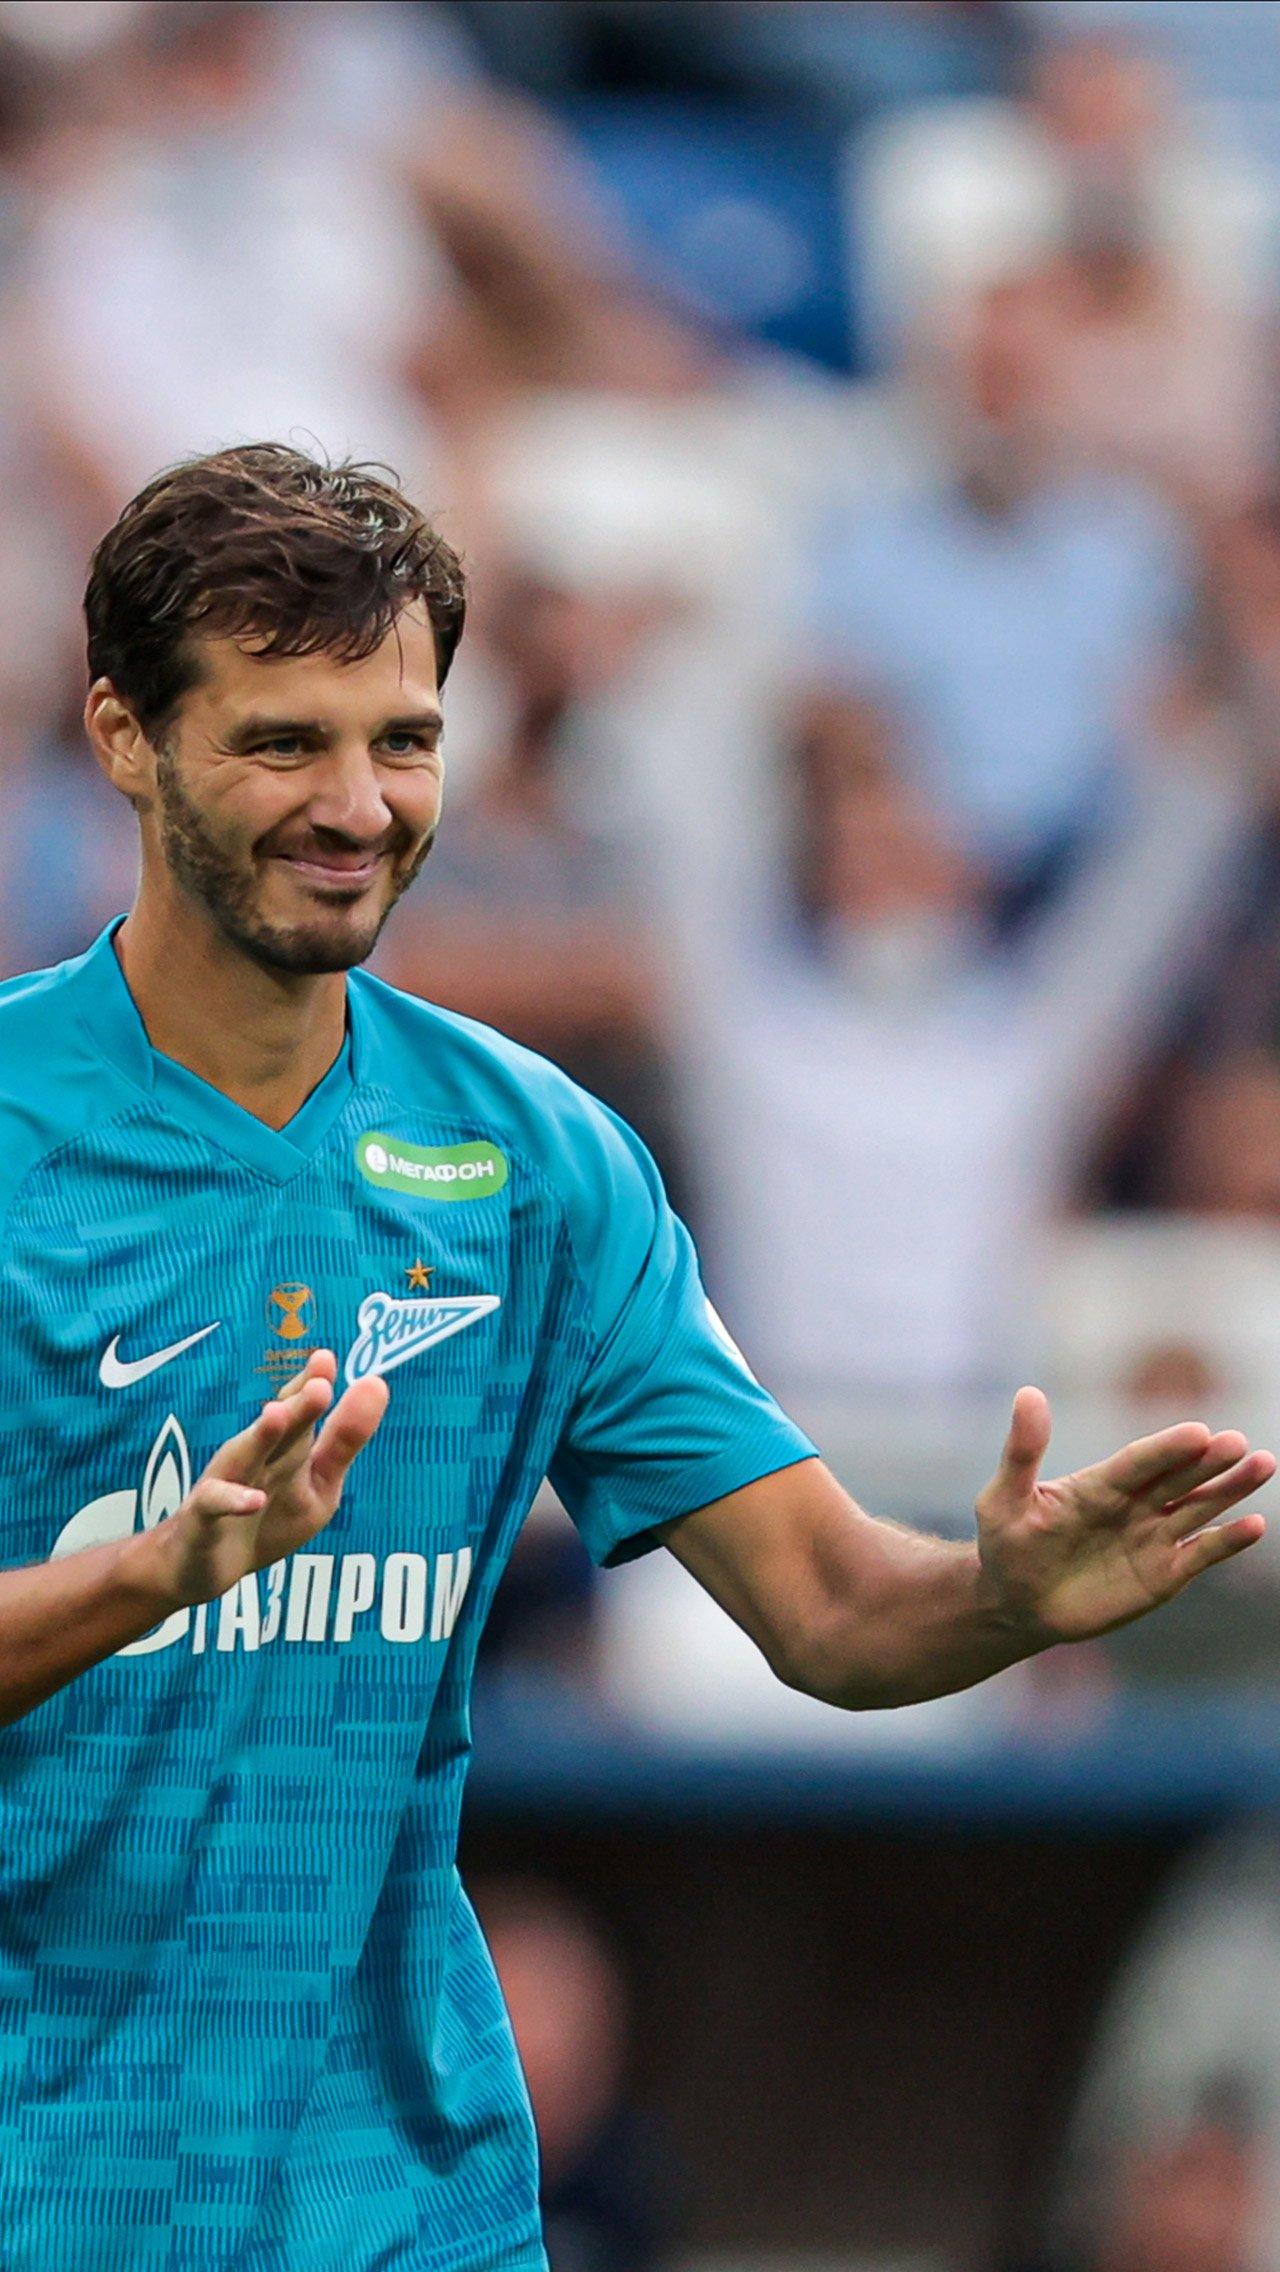 Гол для Ерохина создал Дзюба, но для уверенности мяч забрал Александр и пробил. В шутку извинился перед Артёмом.